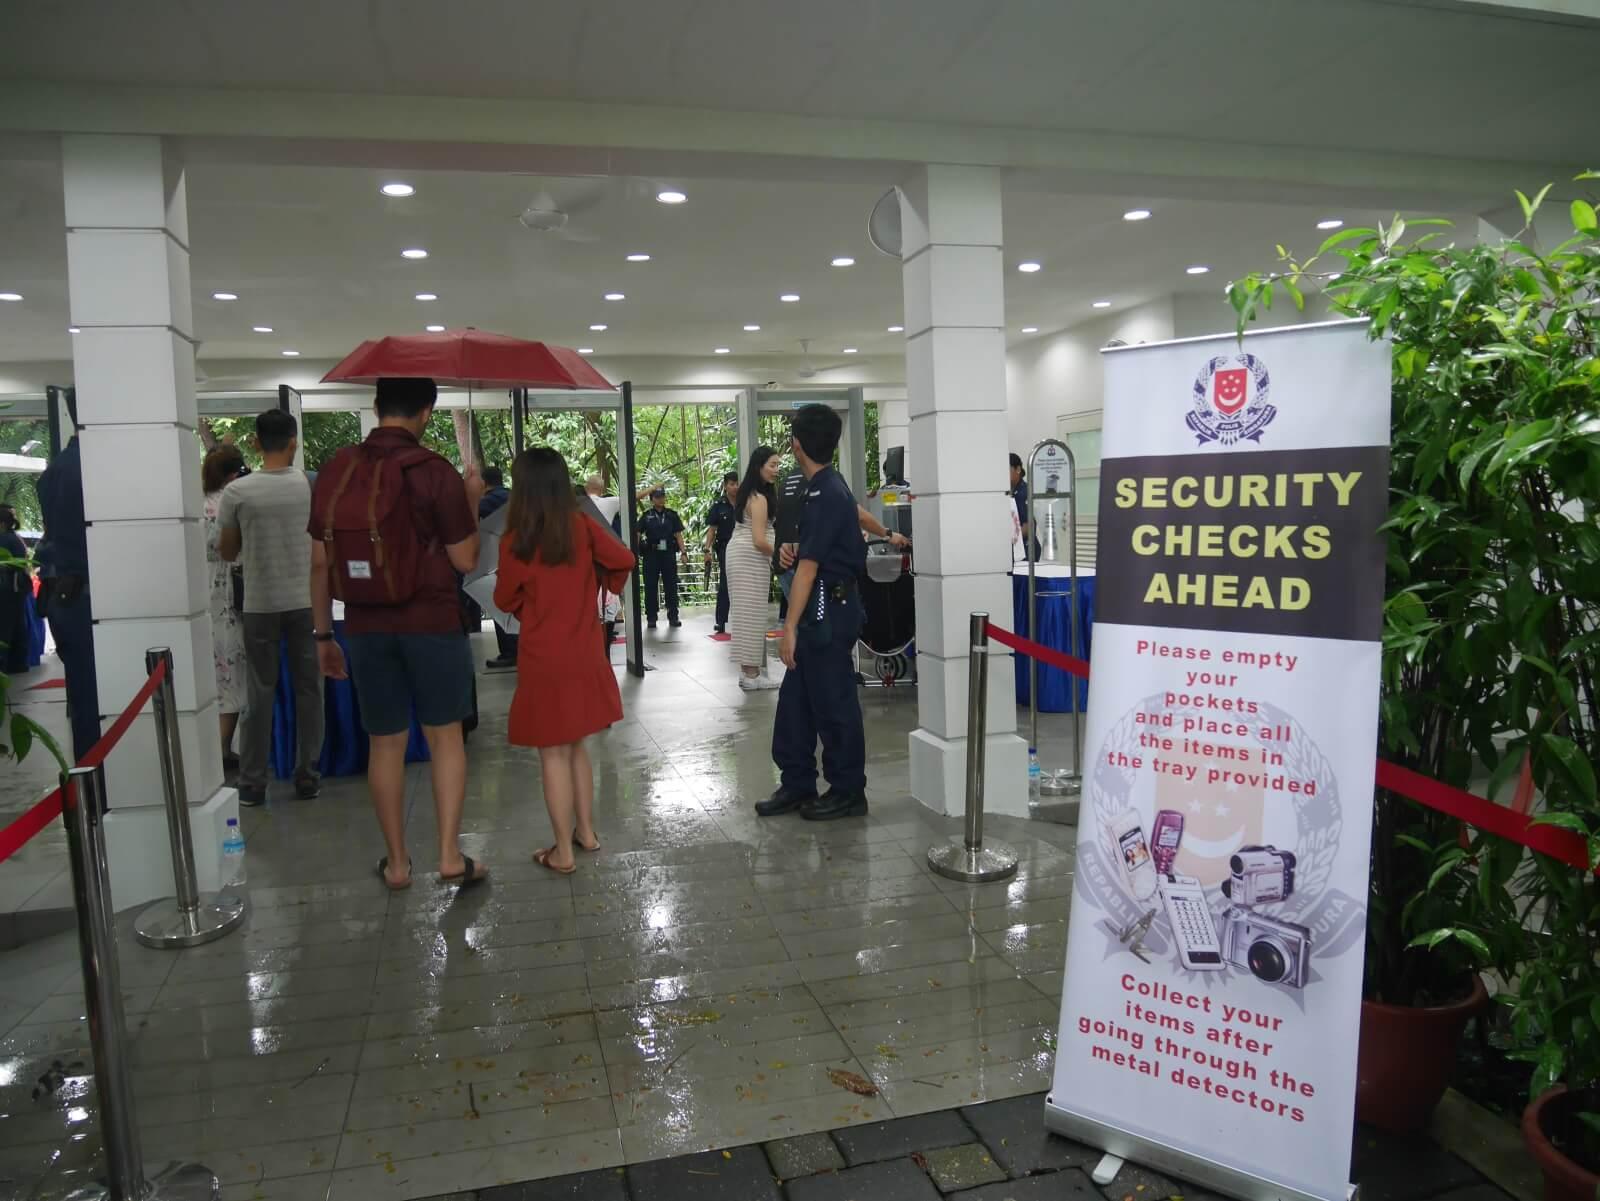 シンガポールの首相官邸「イスタナ」オープンハウスのセキュリティチェック